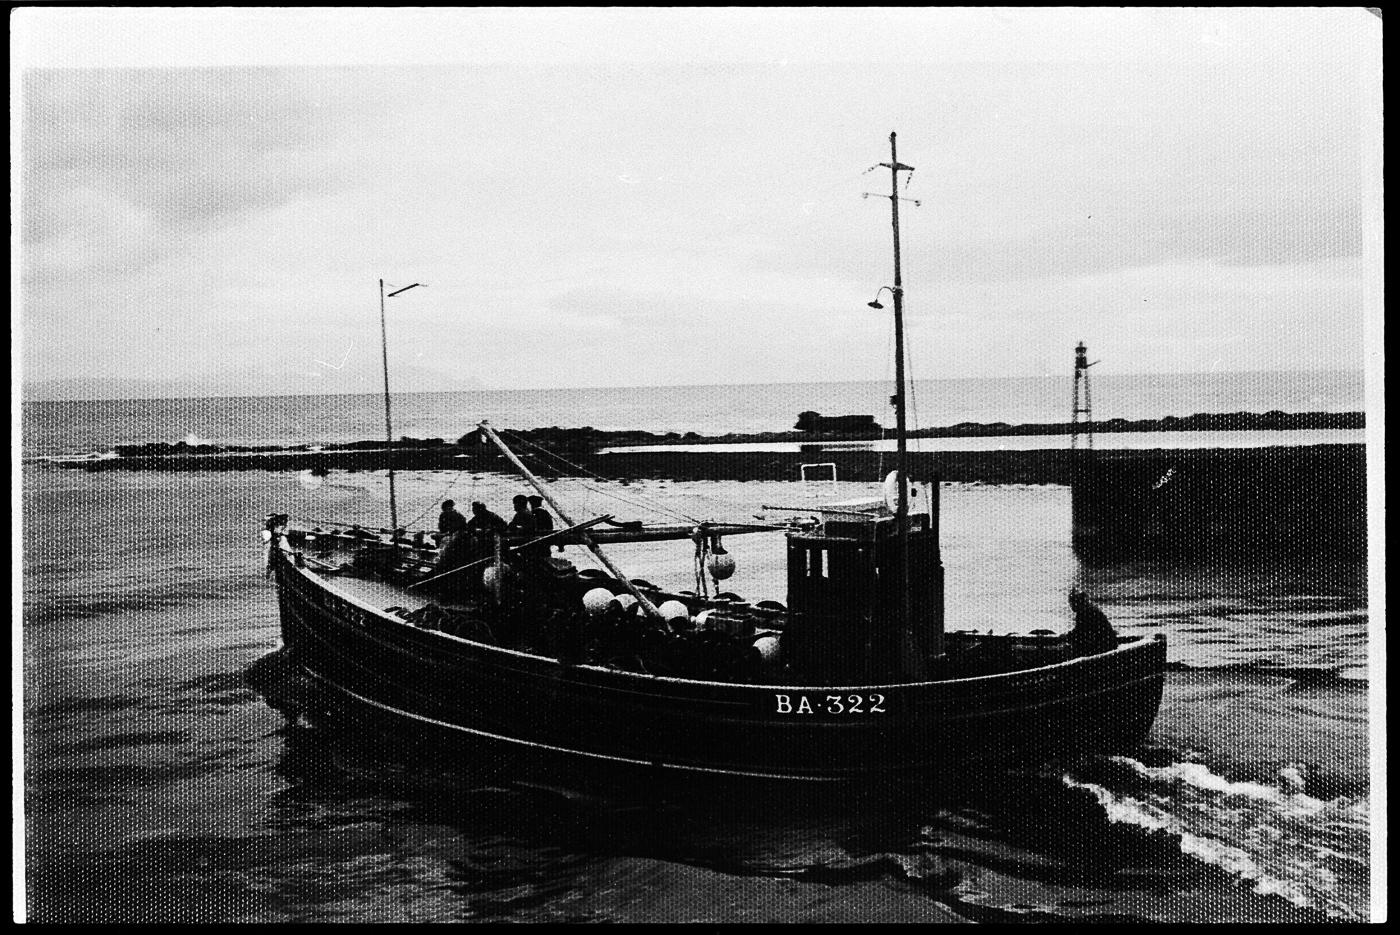 Ringnetter 'Seafarer', BA322, in harbour, Girvan.